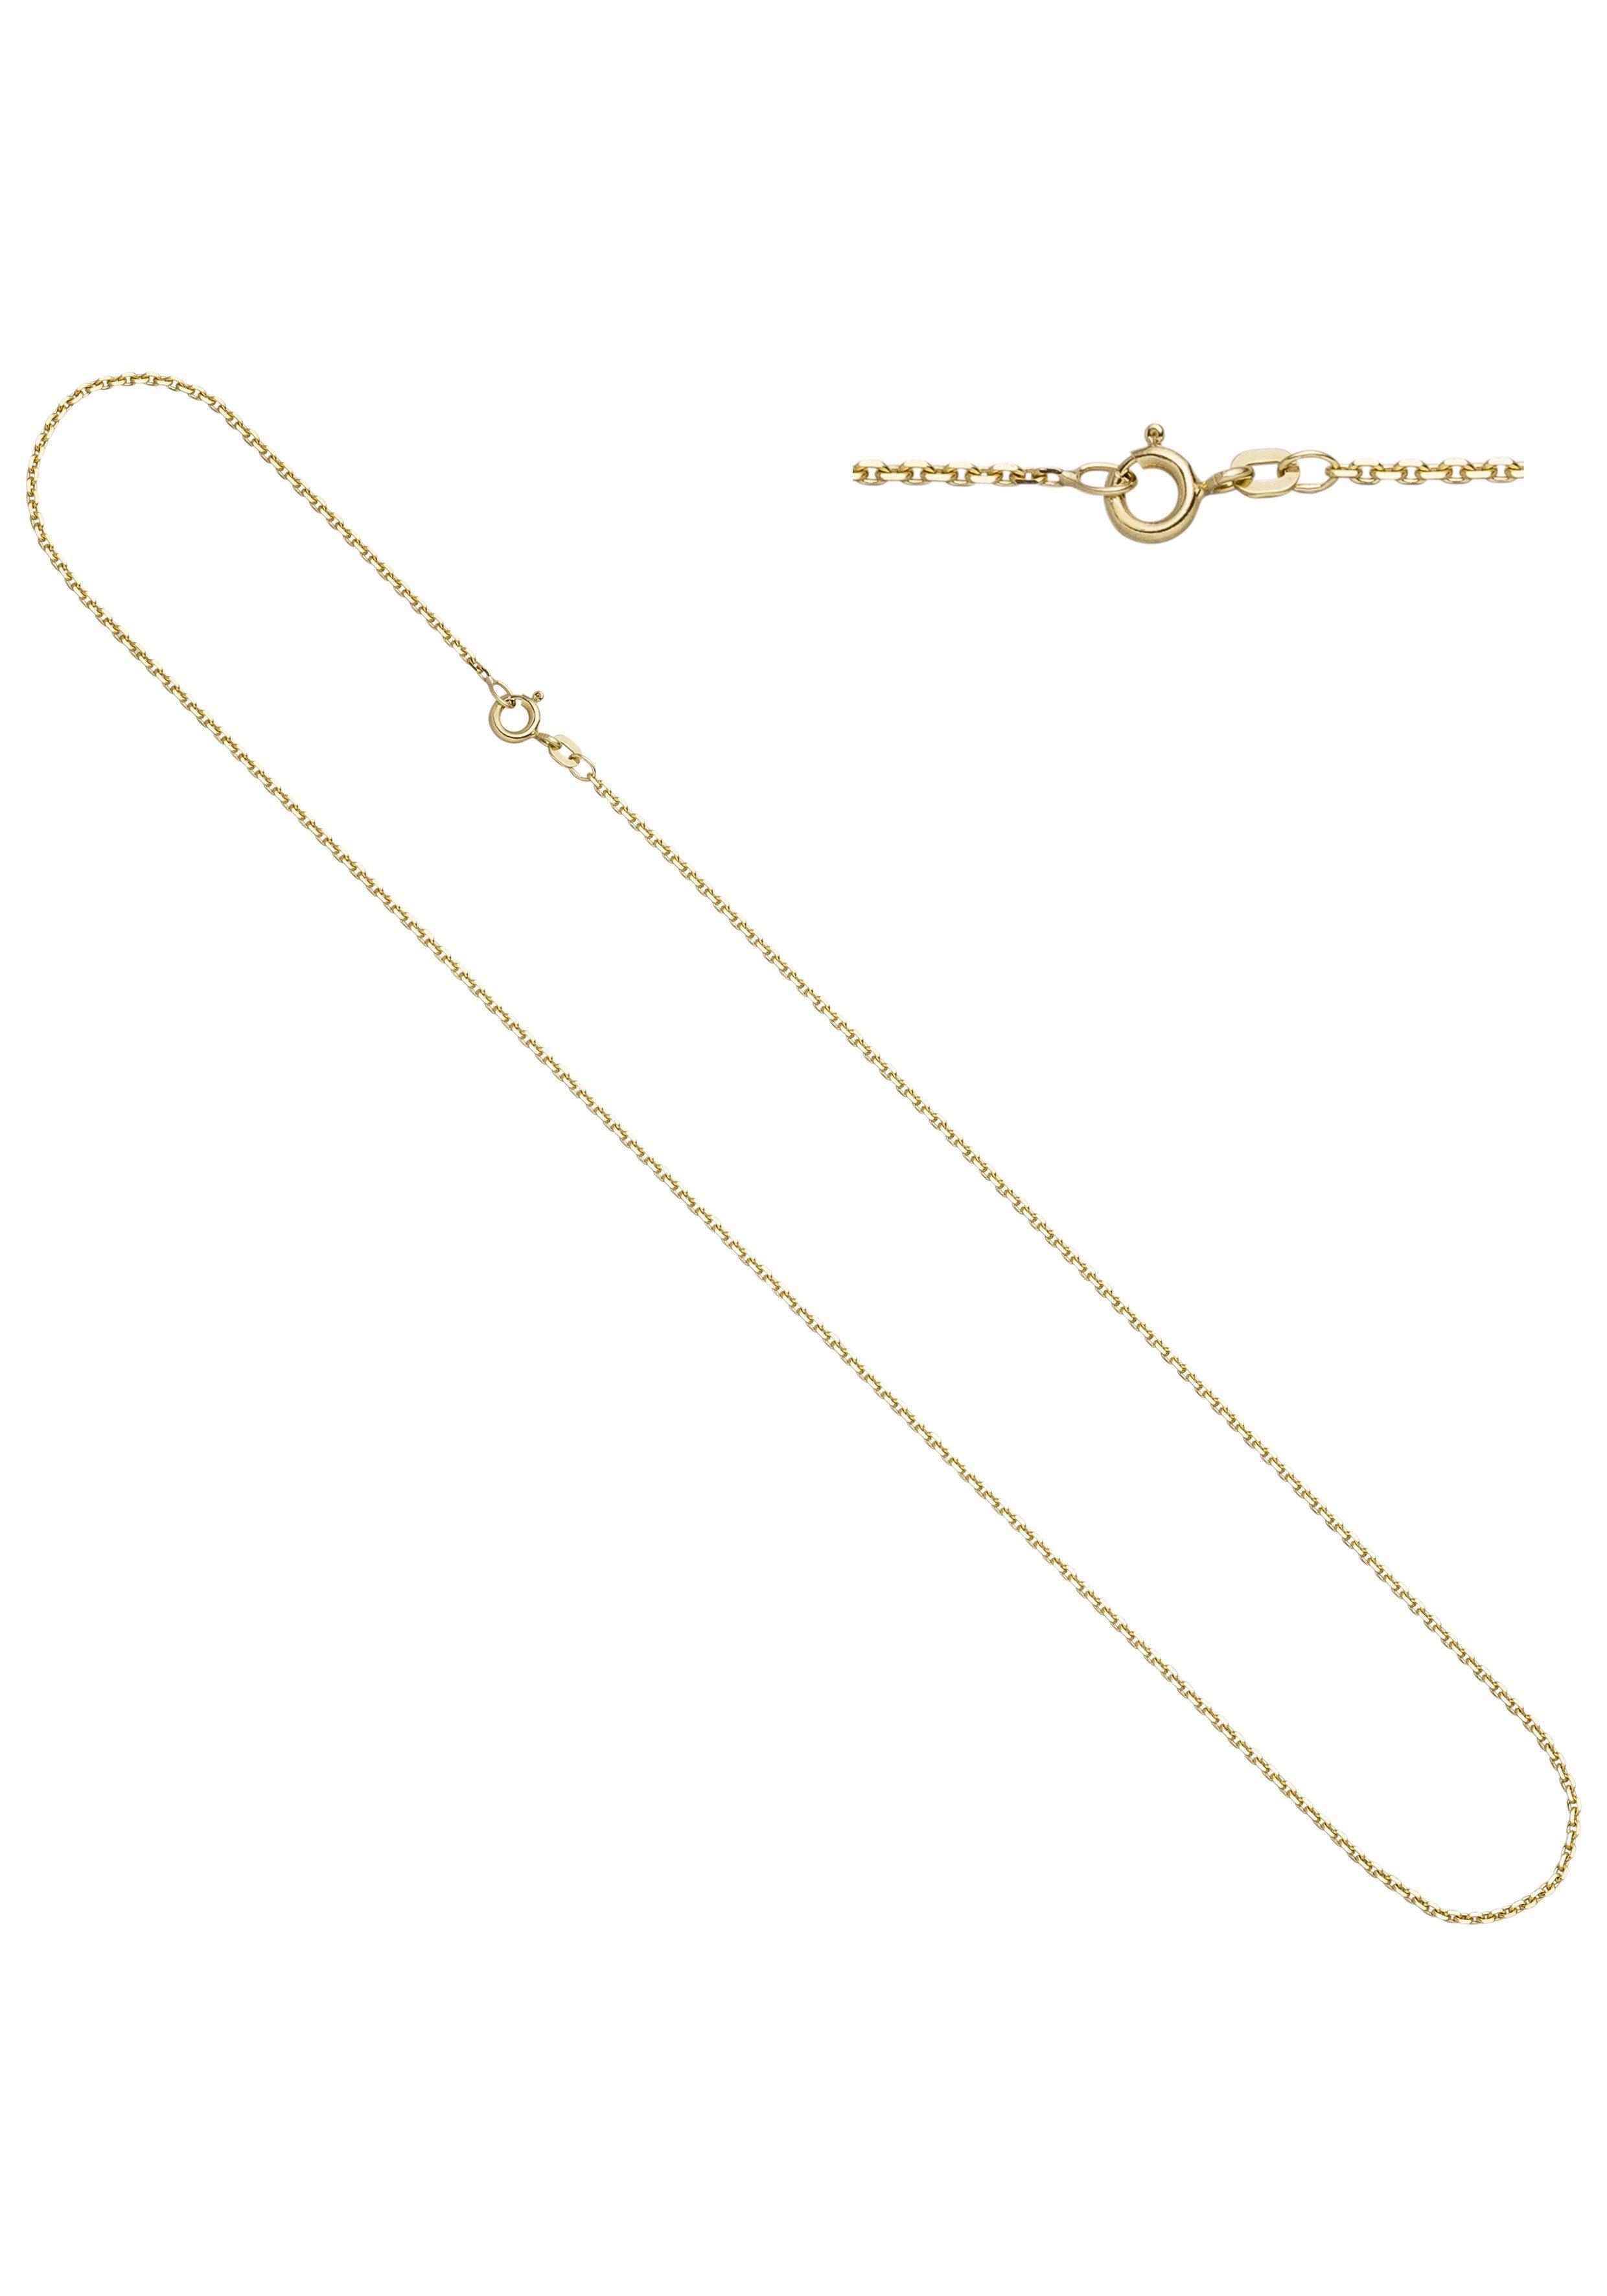 JOBO Goldkette Ankerkette 585 Gold 45 cm 1,9 mm